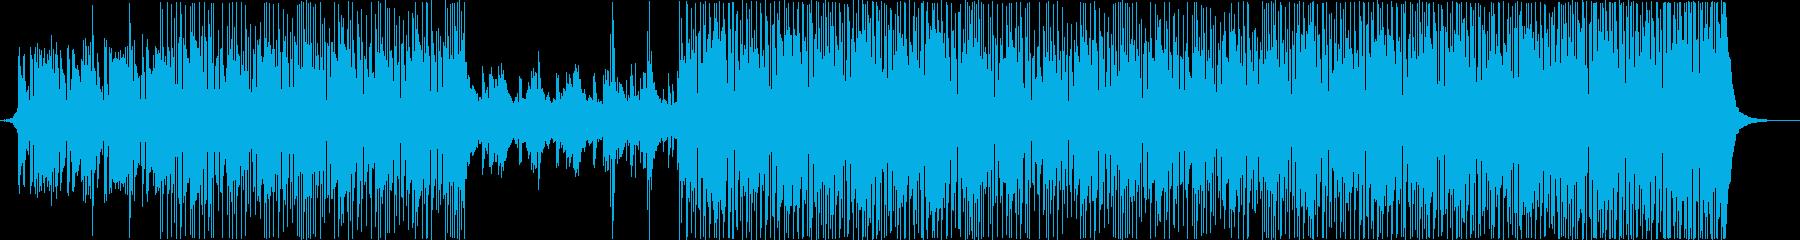 高揚感あるポップロックミュージックの再生済みの波形